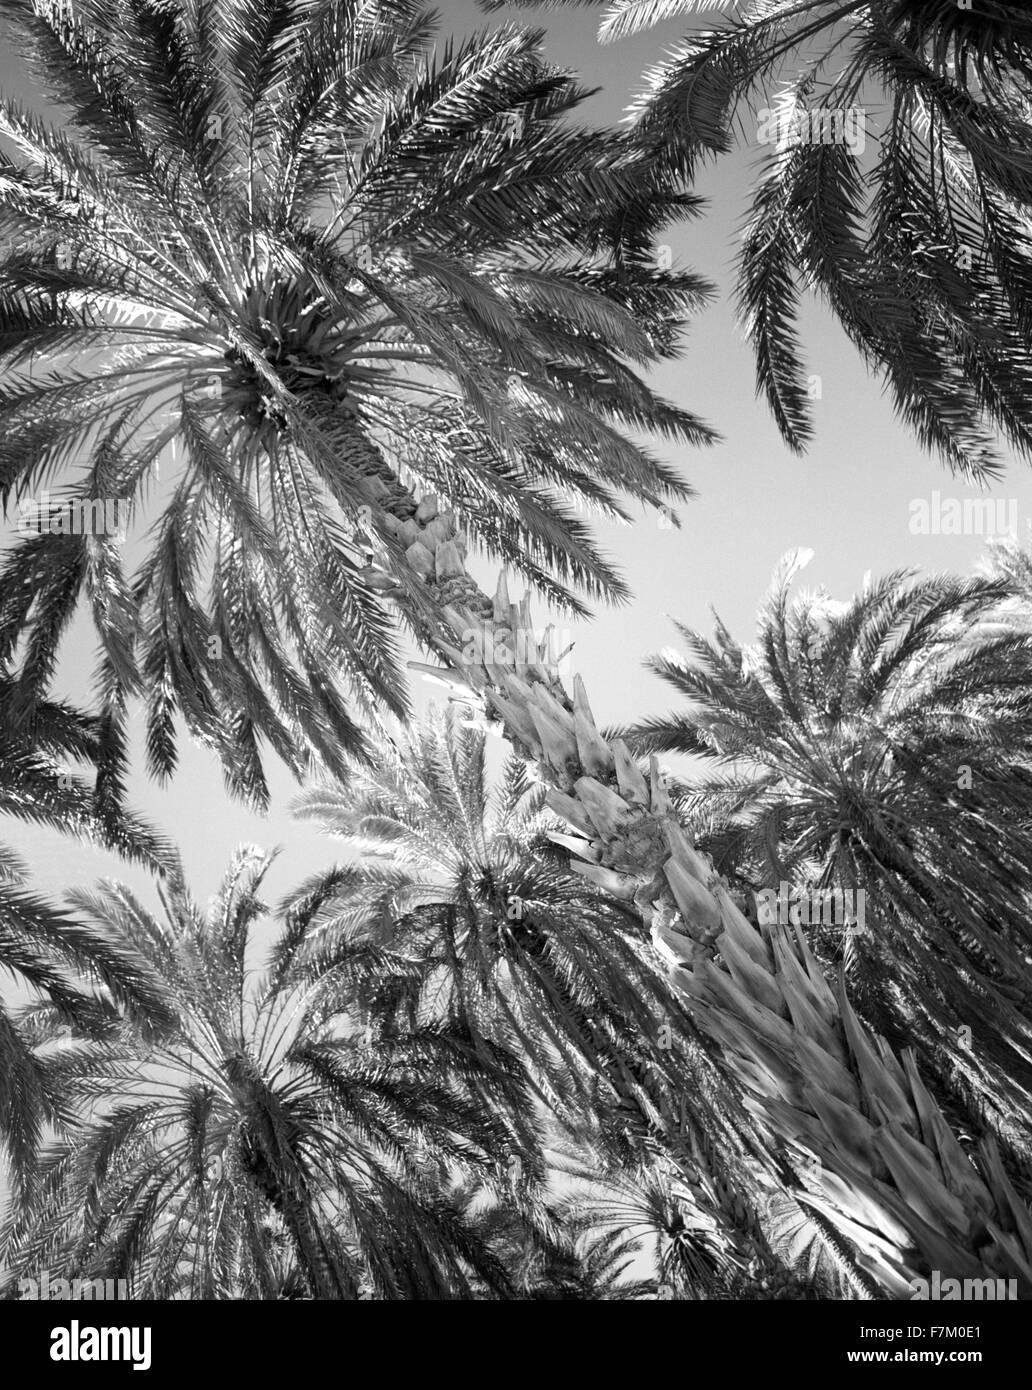 La Palmeraie a Tozeur. Tozeur, Tunisia. Immagini Stock